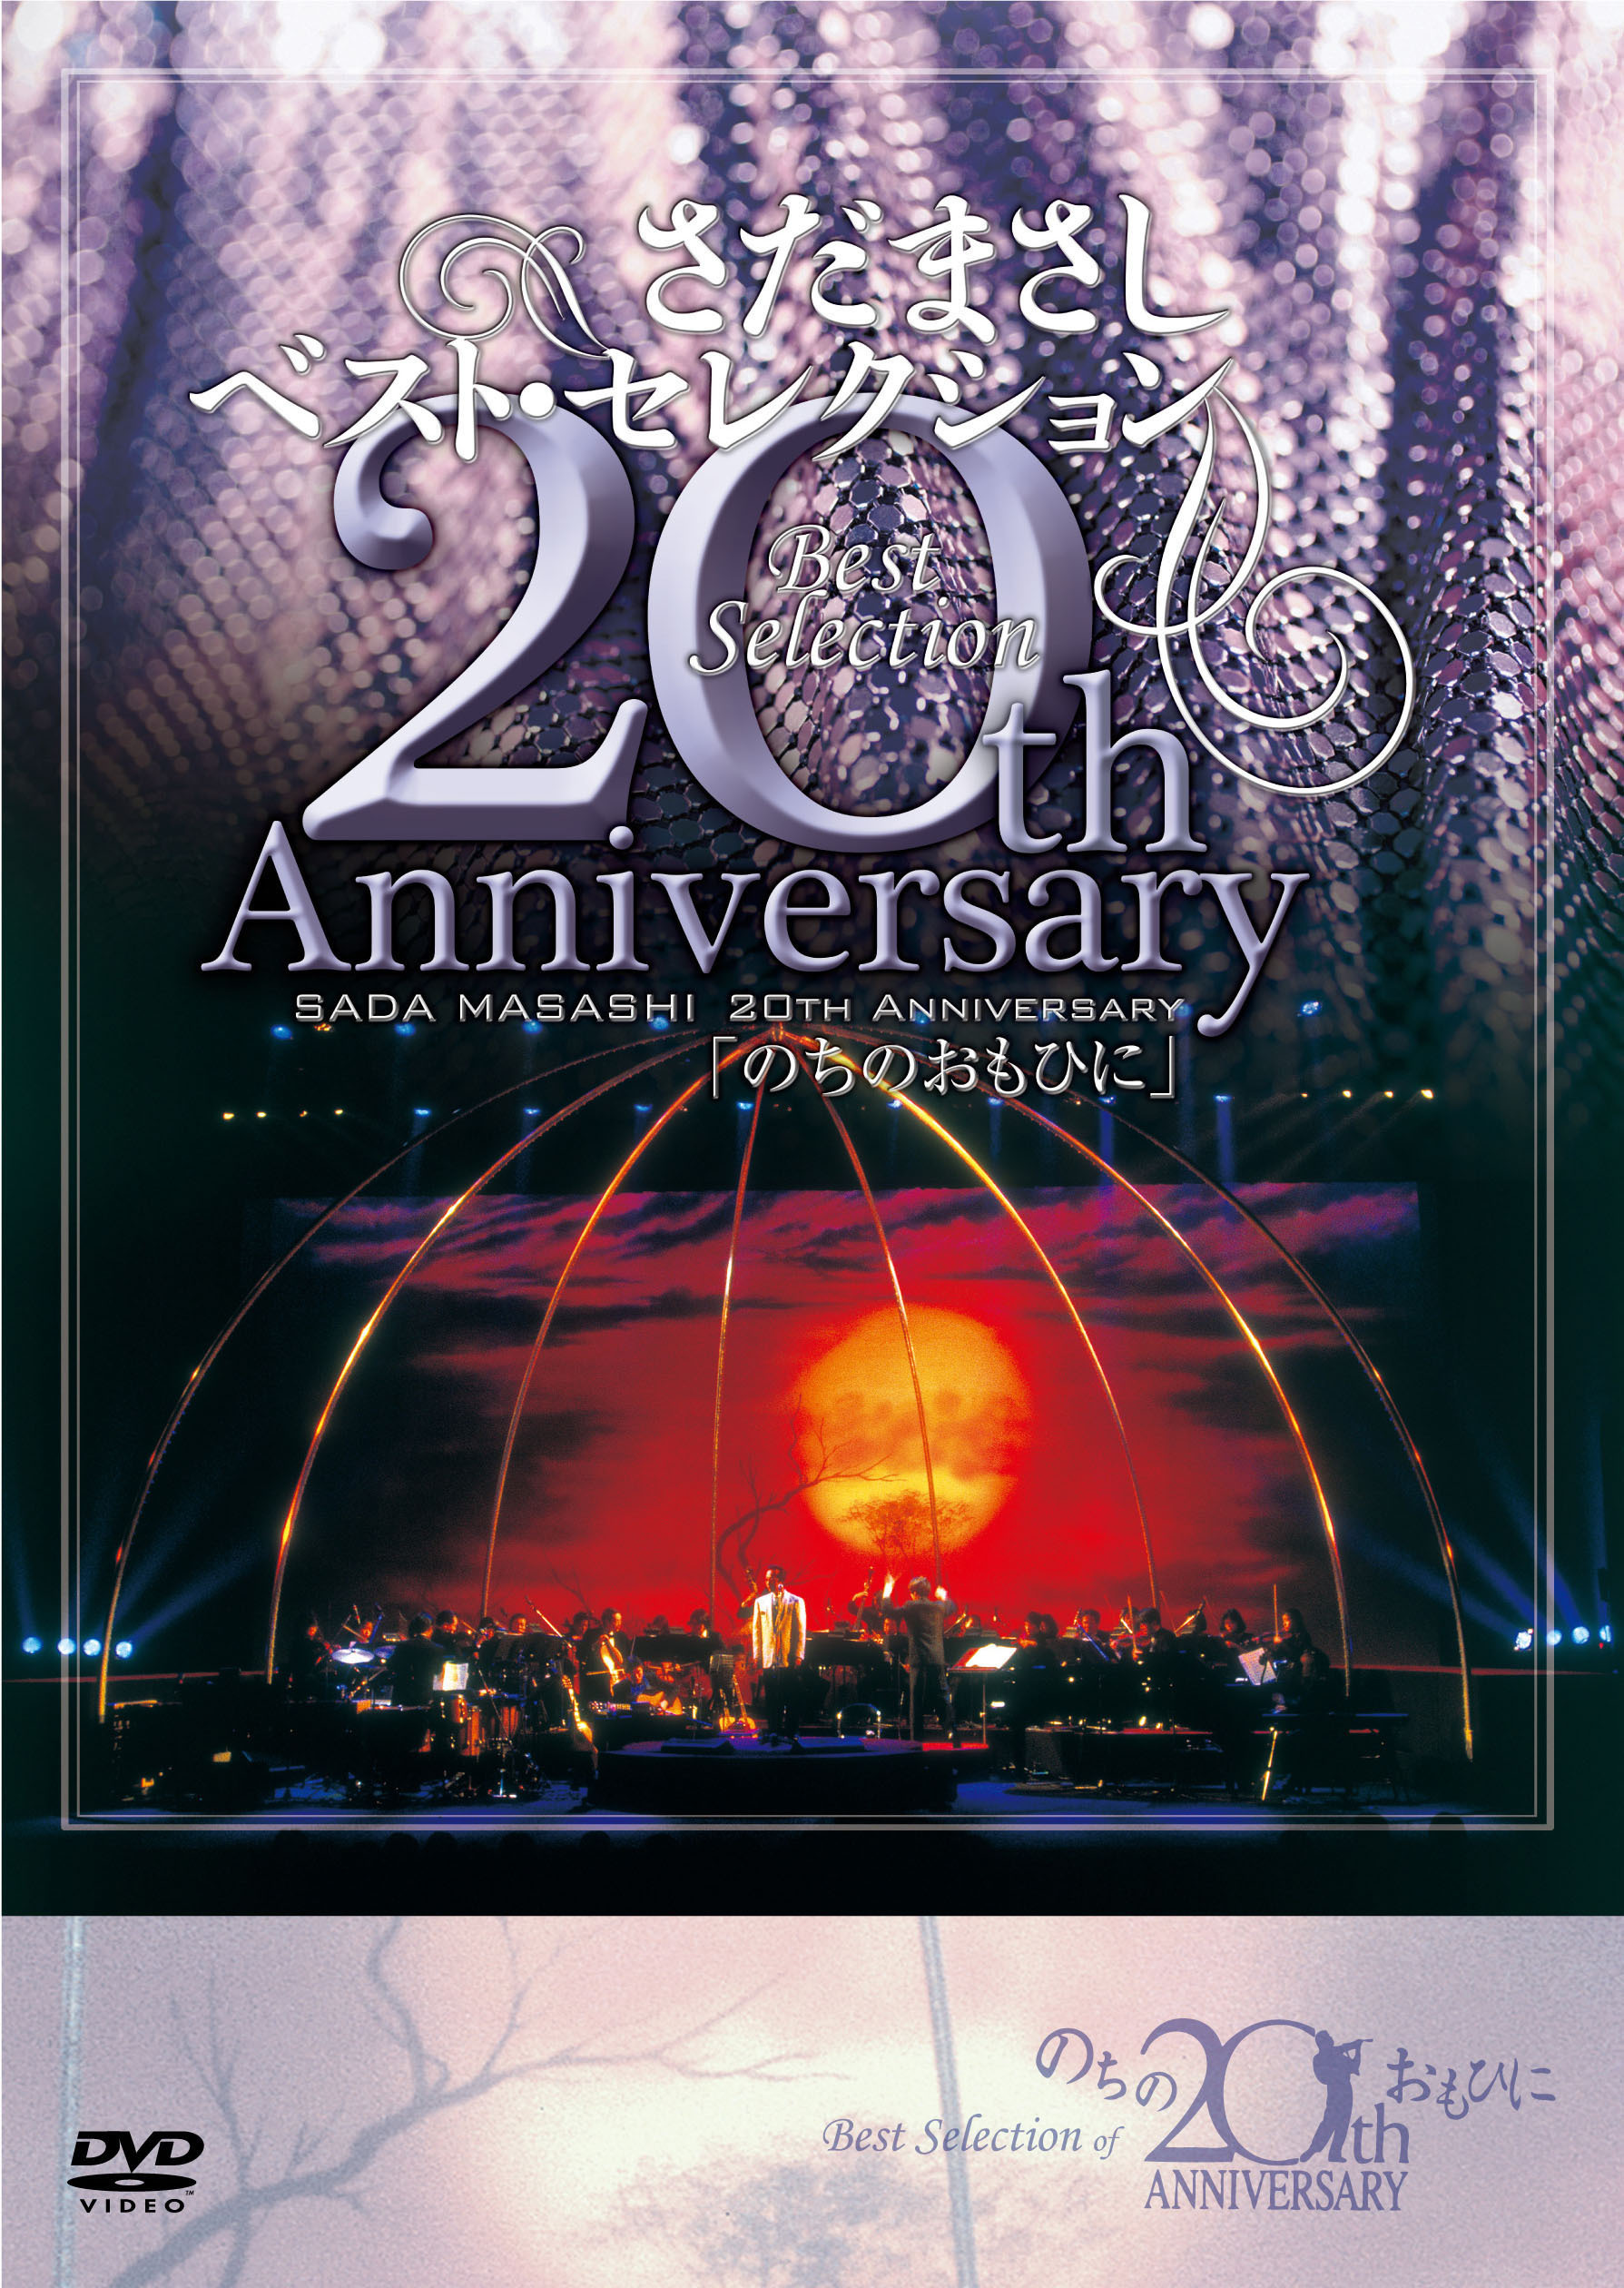 ベスト・セレクション 20th Anniversary のちのおもひに